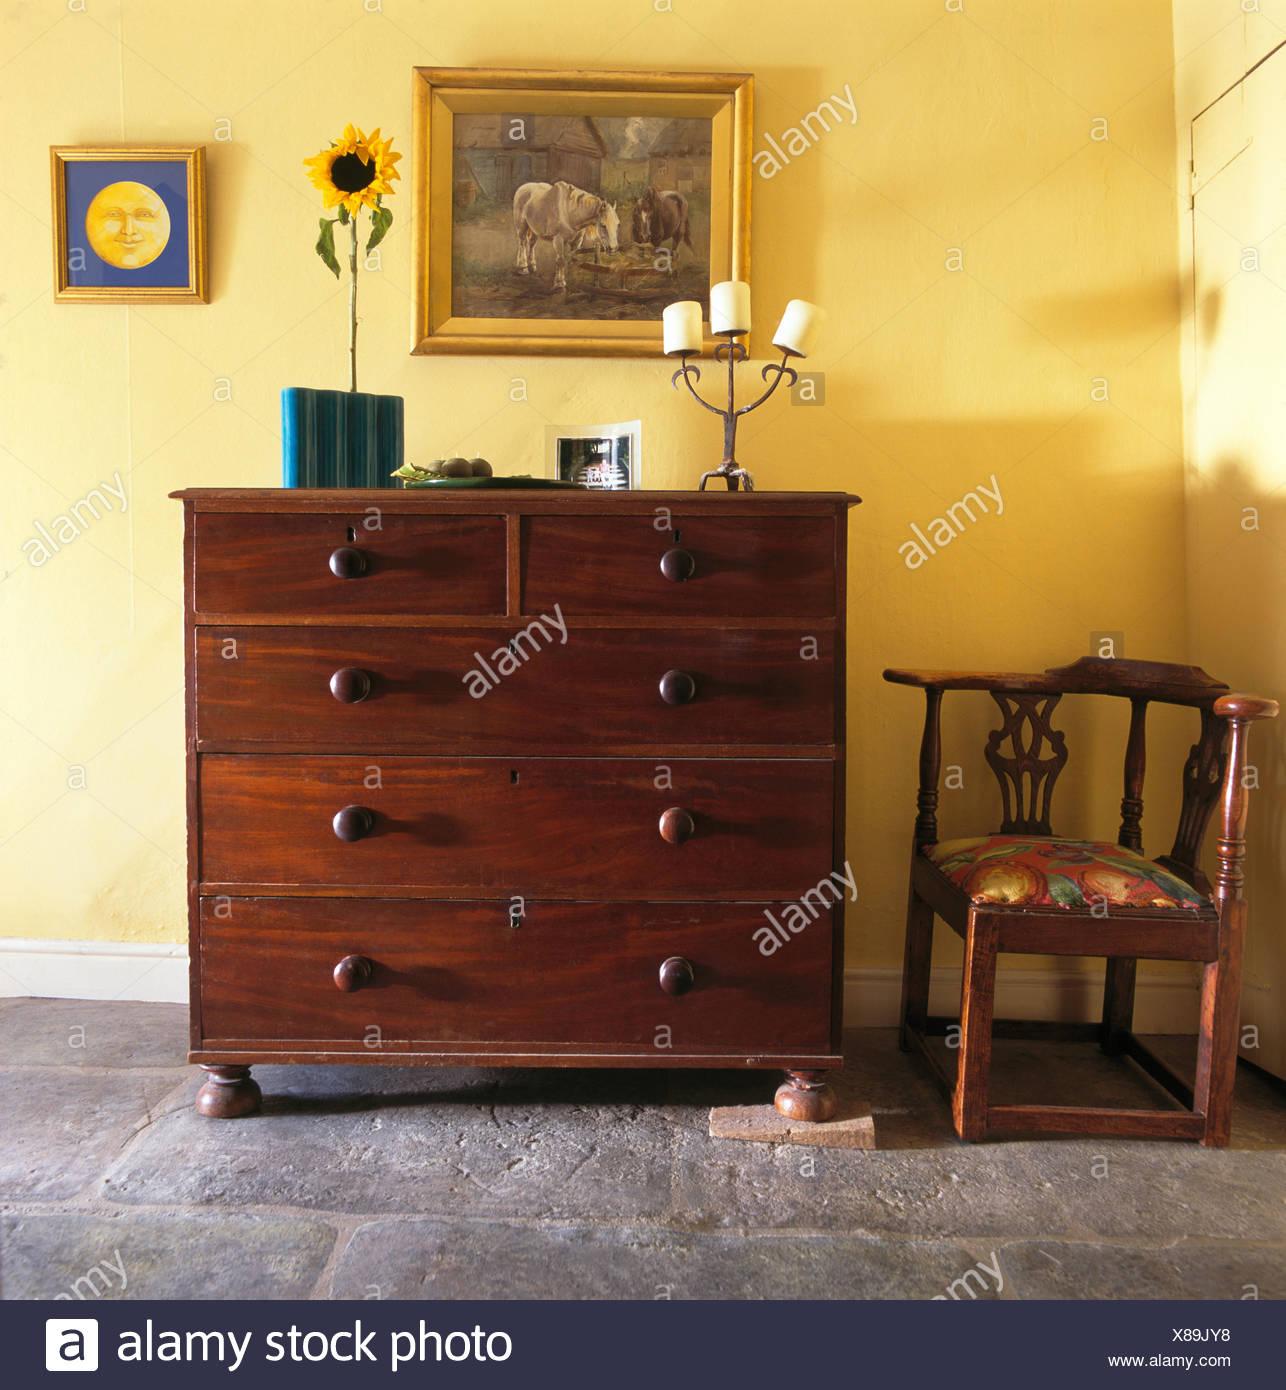 Cassettiera antica e sedia in camera da letto giallo Foto & Immagine ...